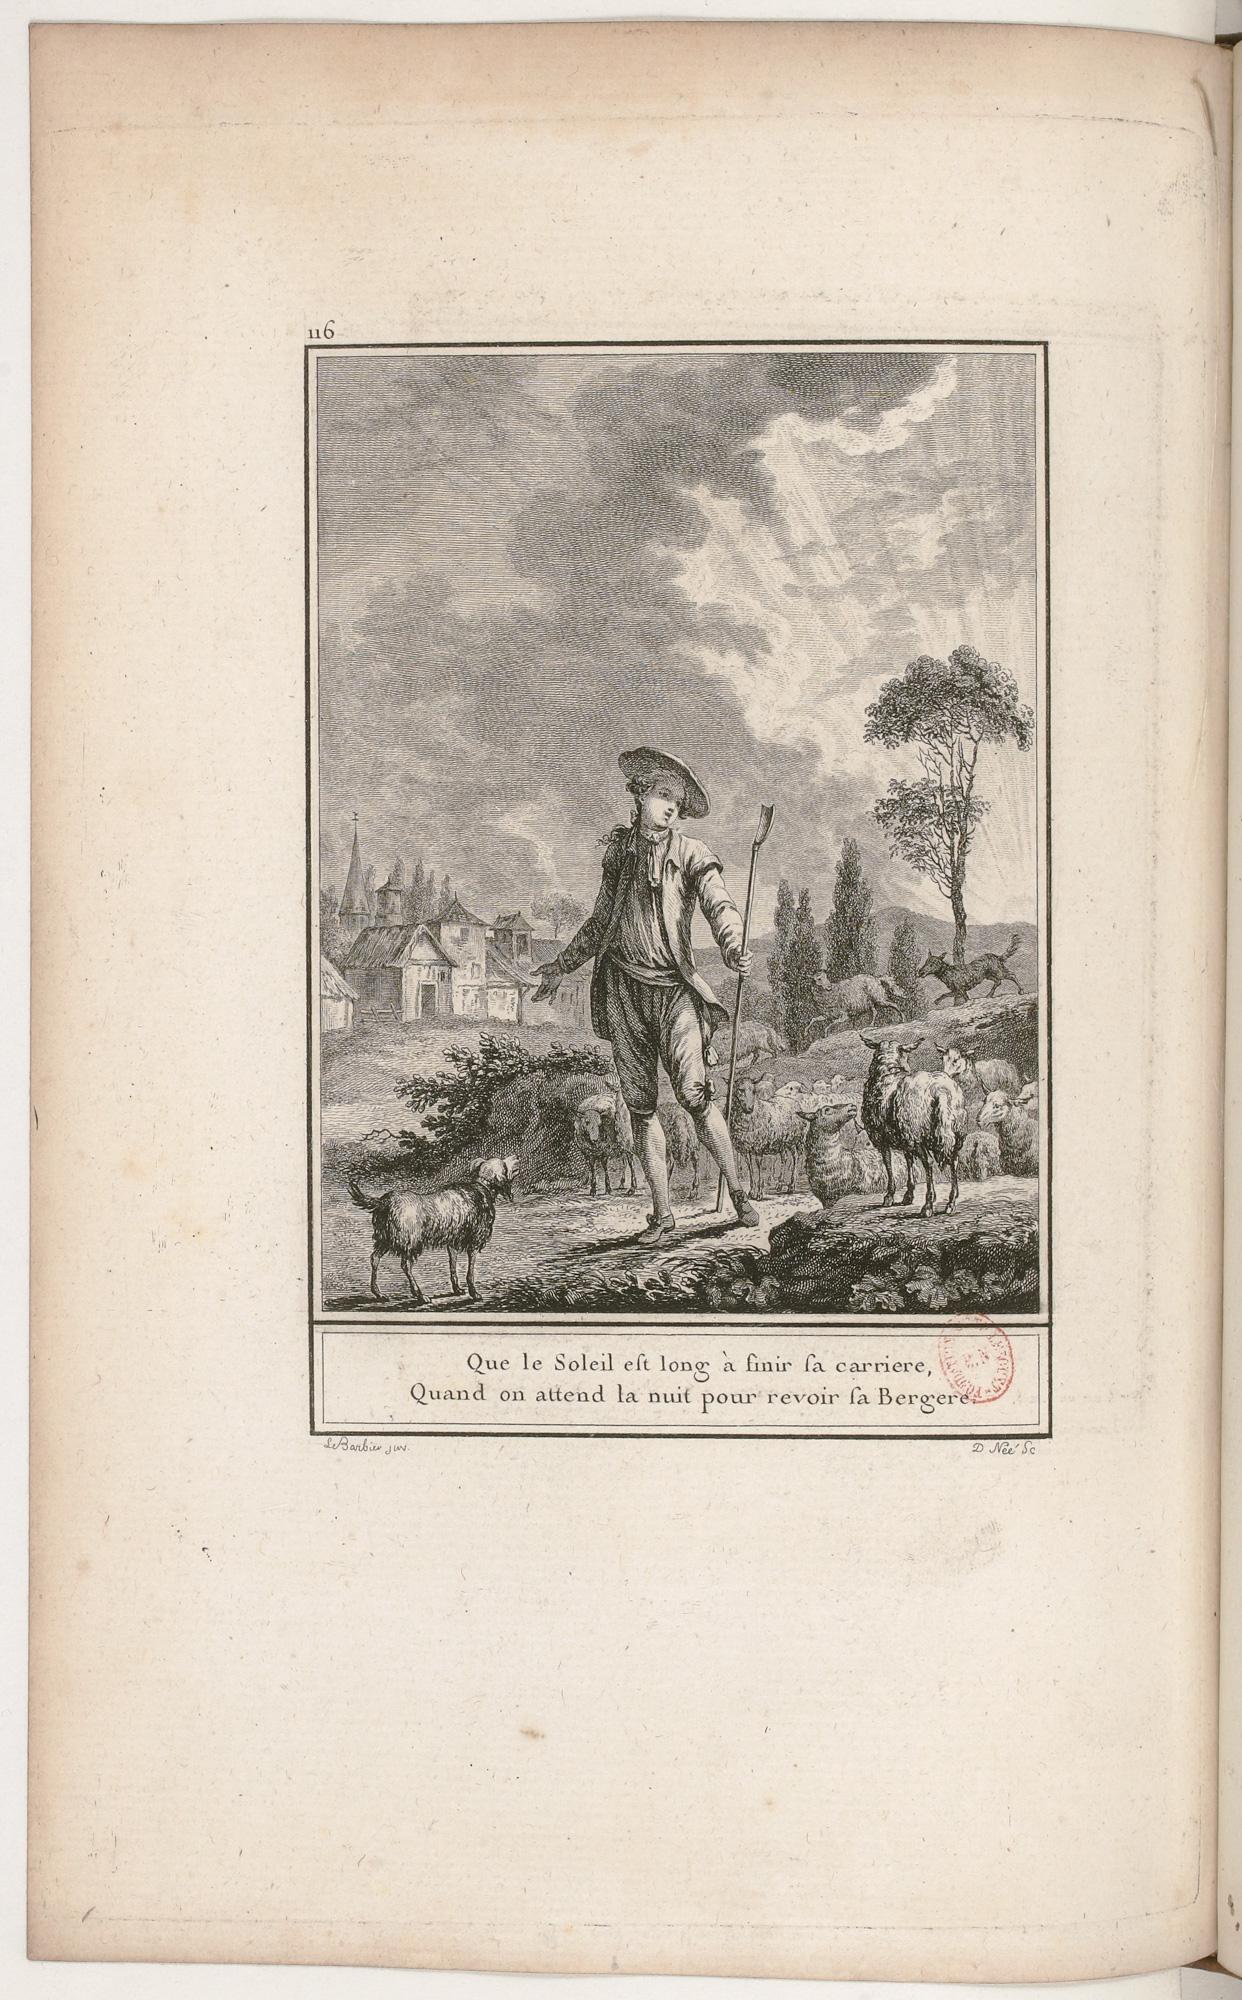 S.3.20 Le retour du berger,1772, Image